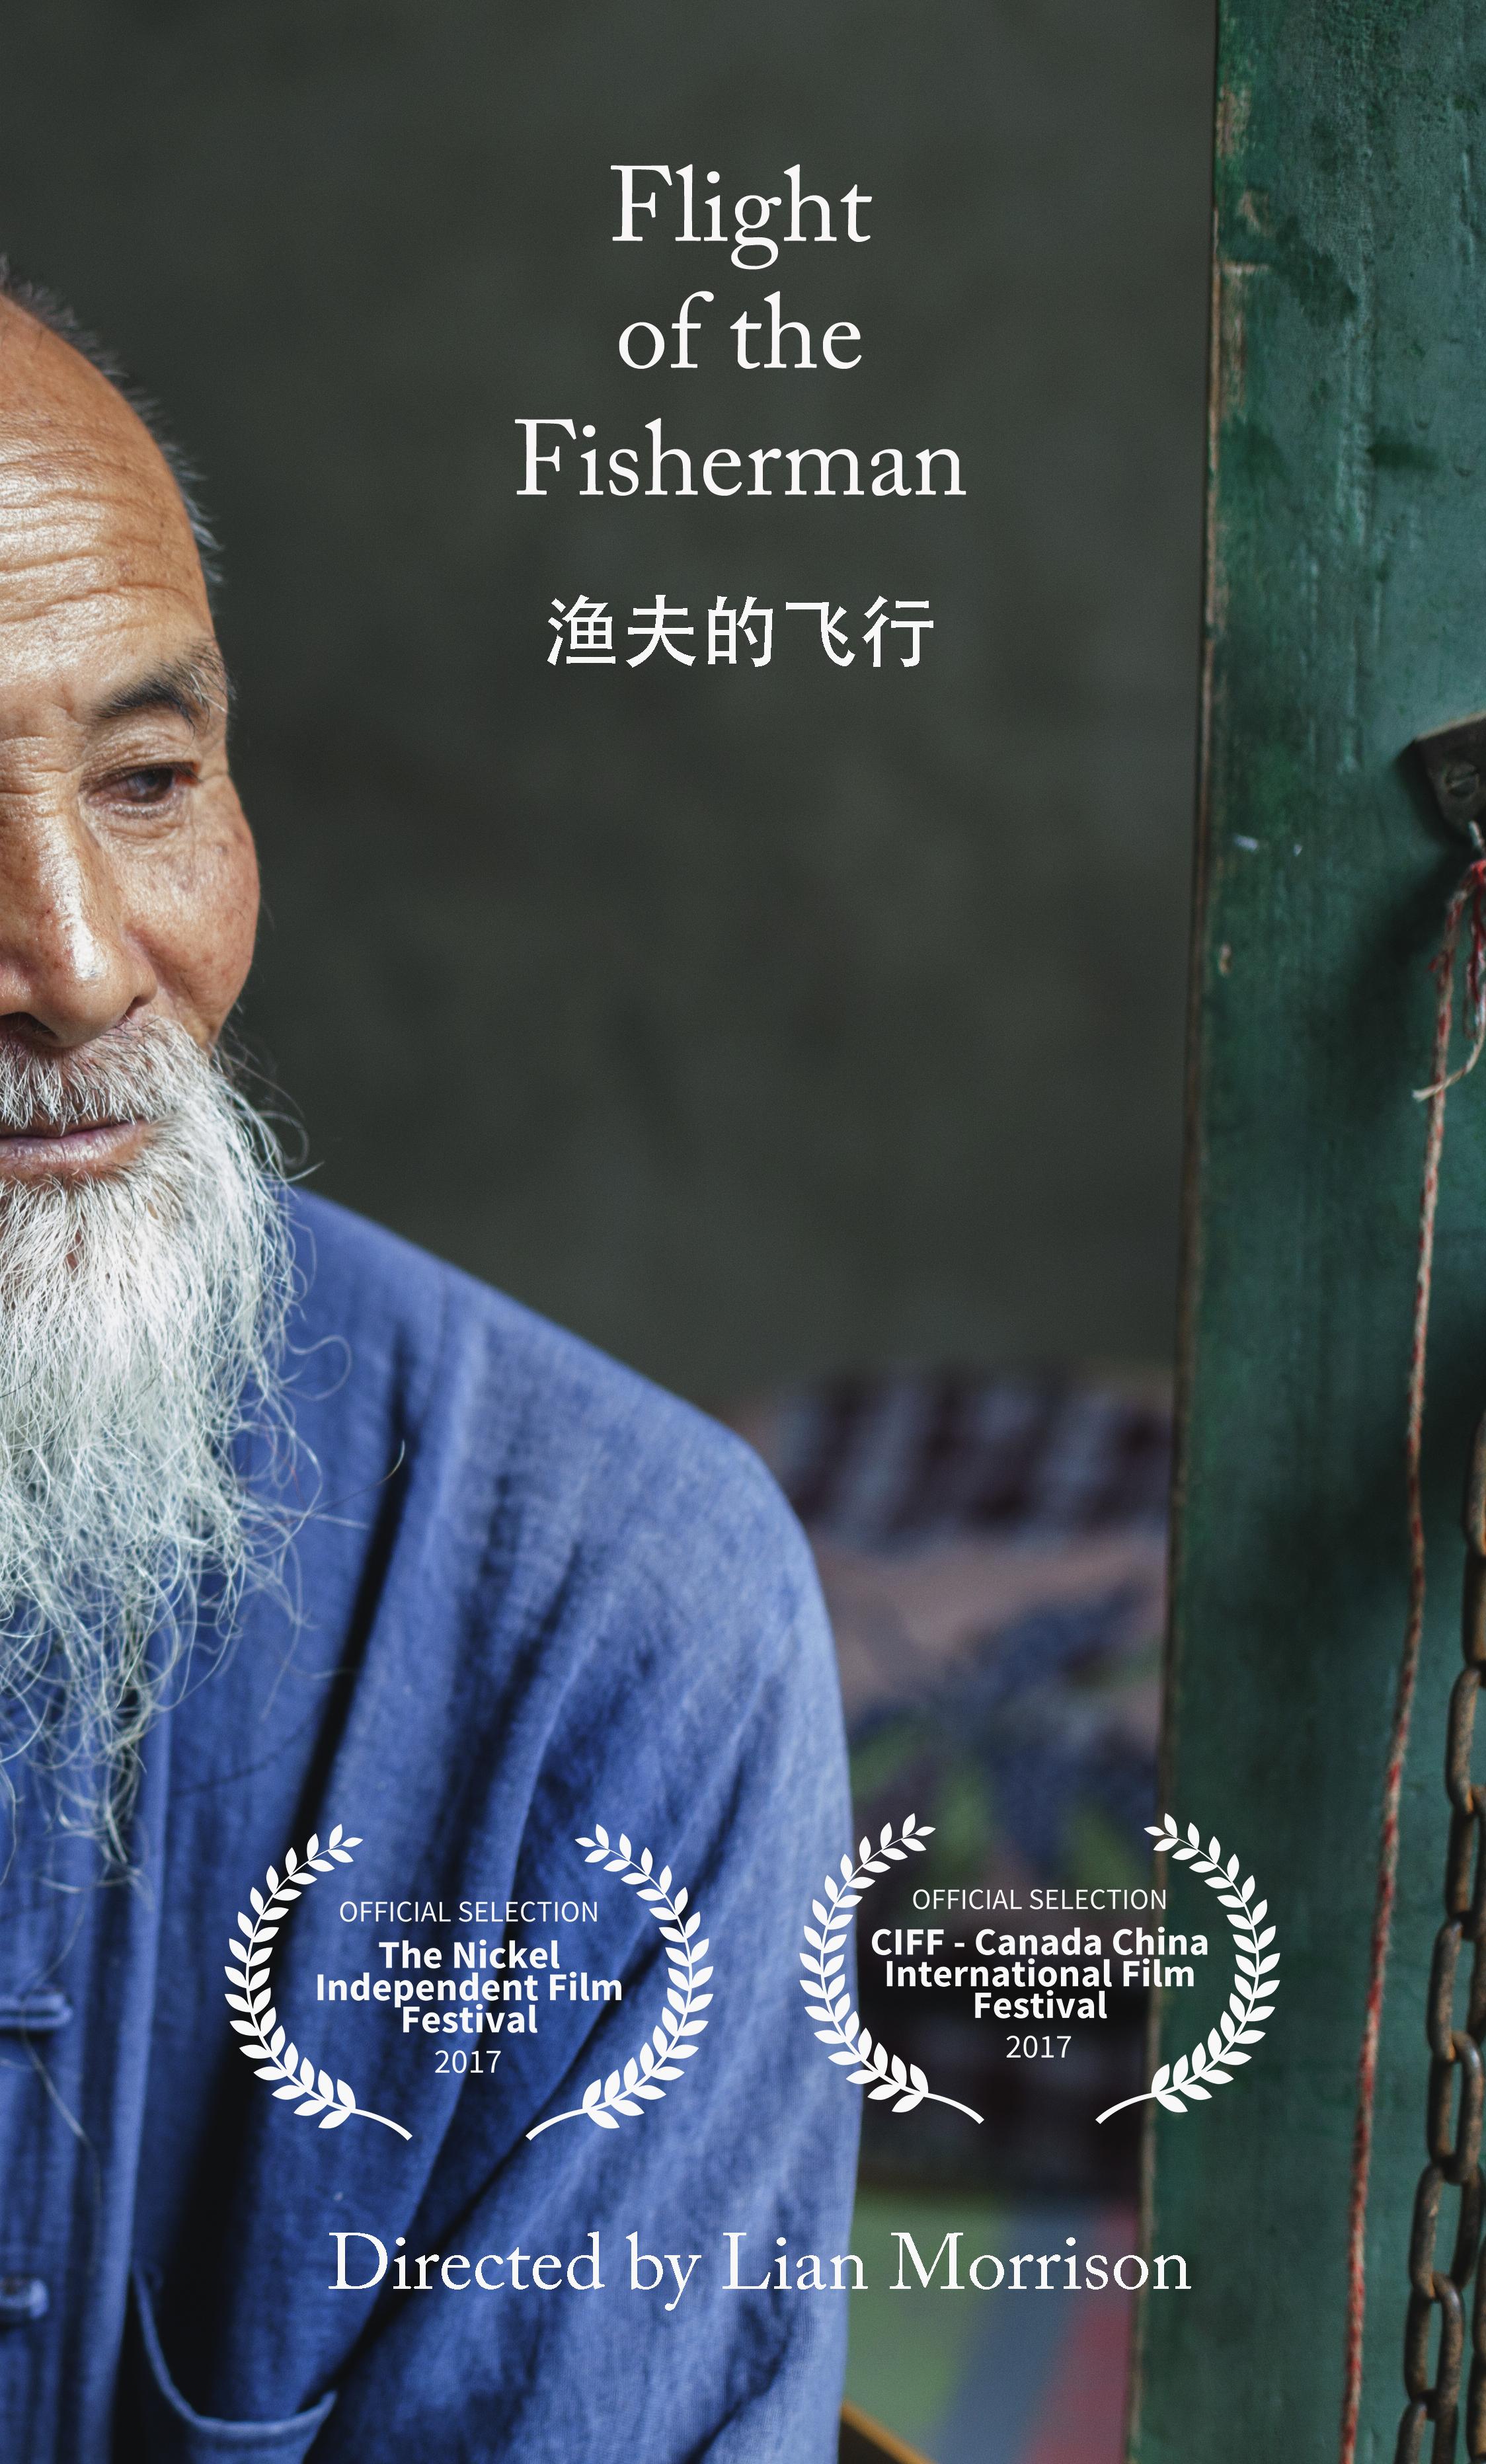 lian morrison, documentary